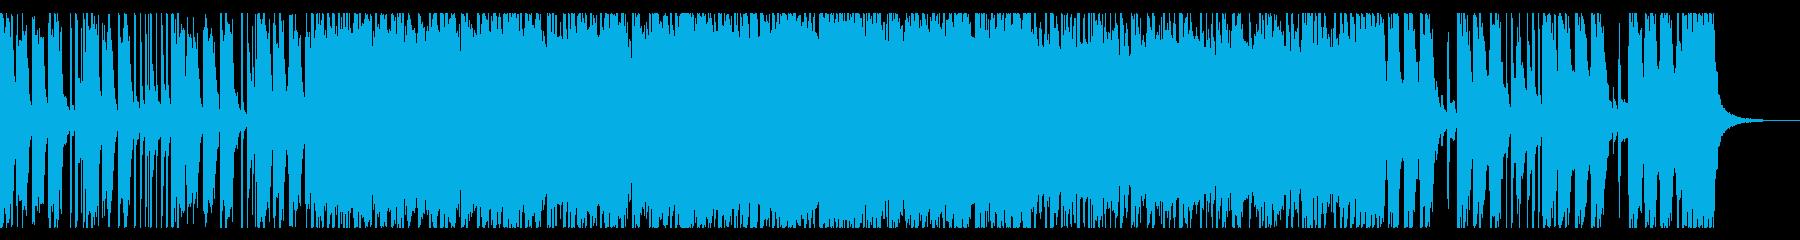 エネルギッシュなパンクオープニングの再生済みの波形